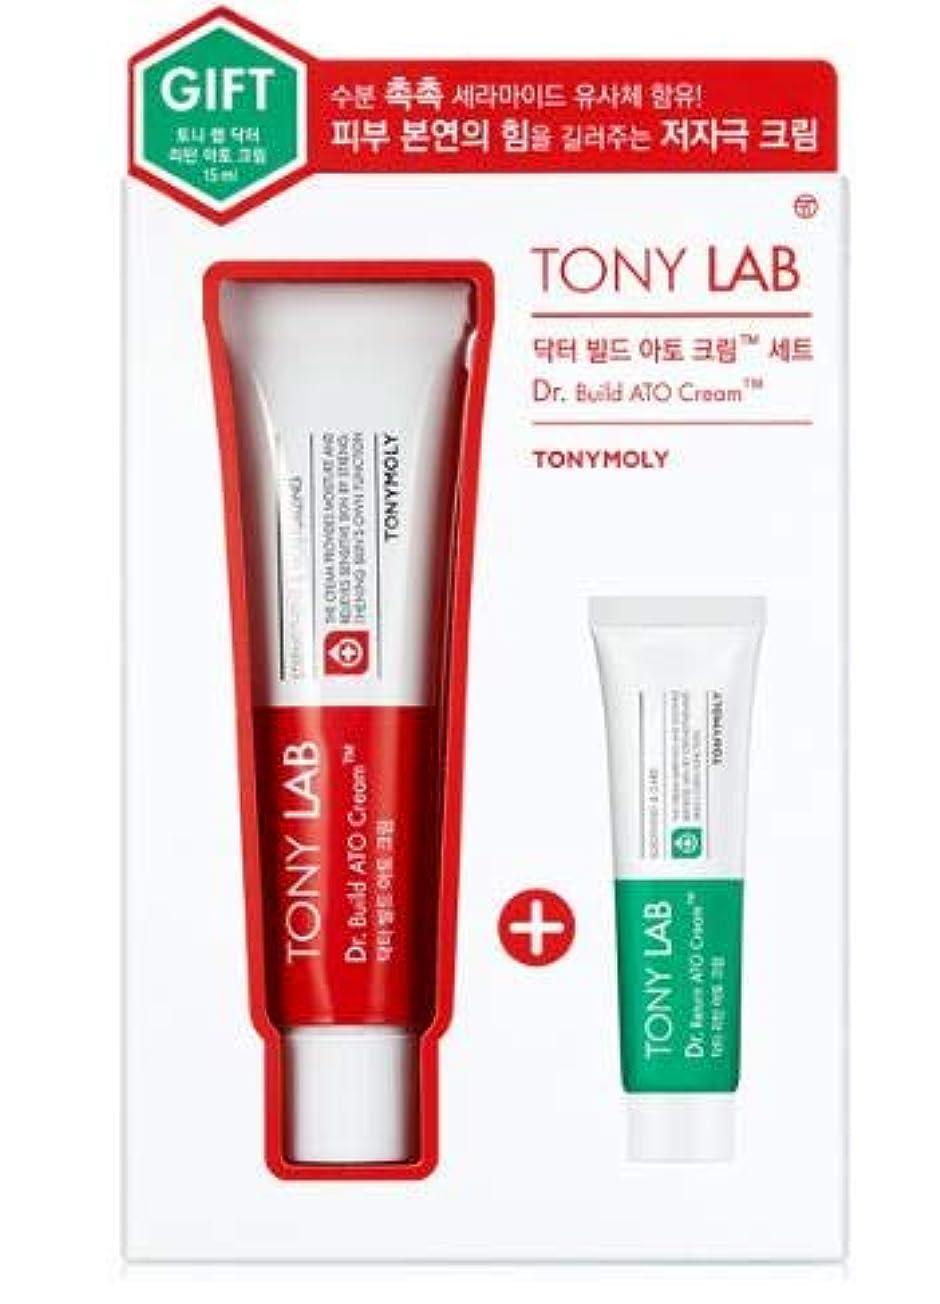 放棄された気づく重要な役割を果たす、中心的な手段となるTONY MOLY Tony Lab Dr. Build ATO Cream トニーモリー トニーラボ ドクター ビルド アト クリーム [並行輸入品]